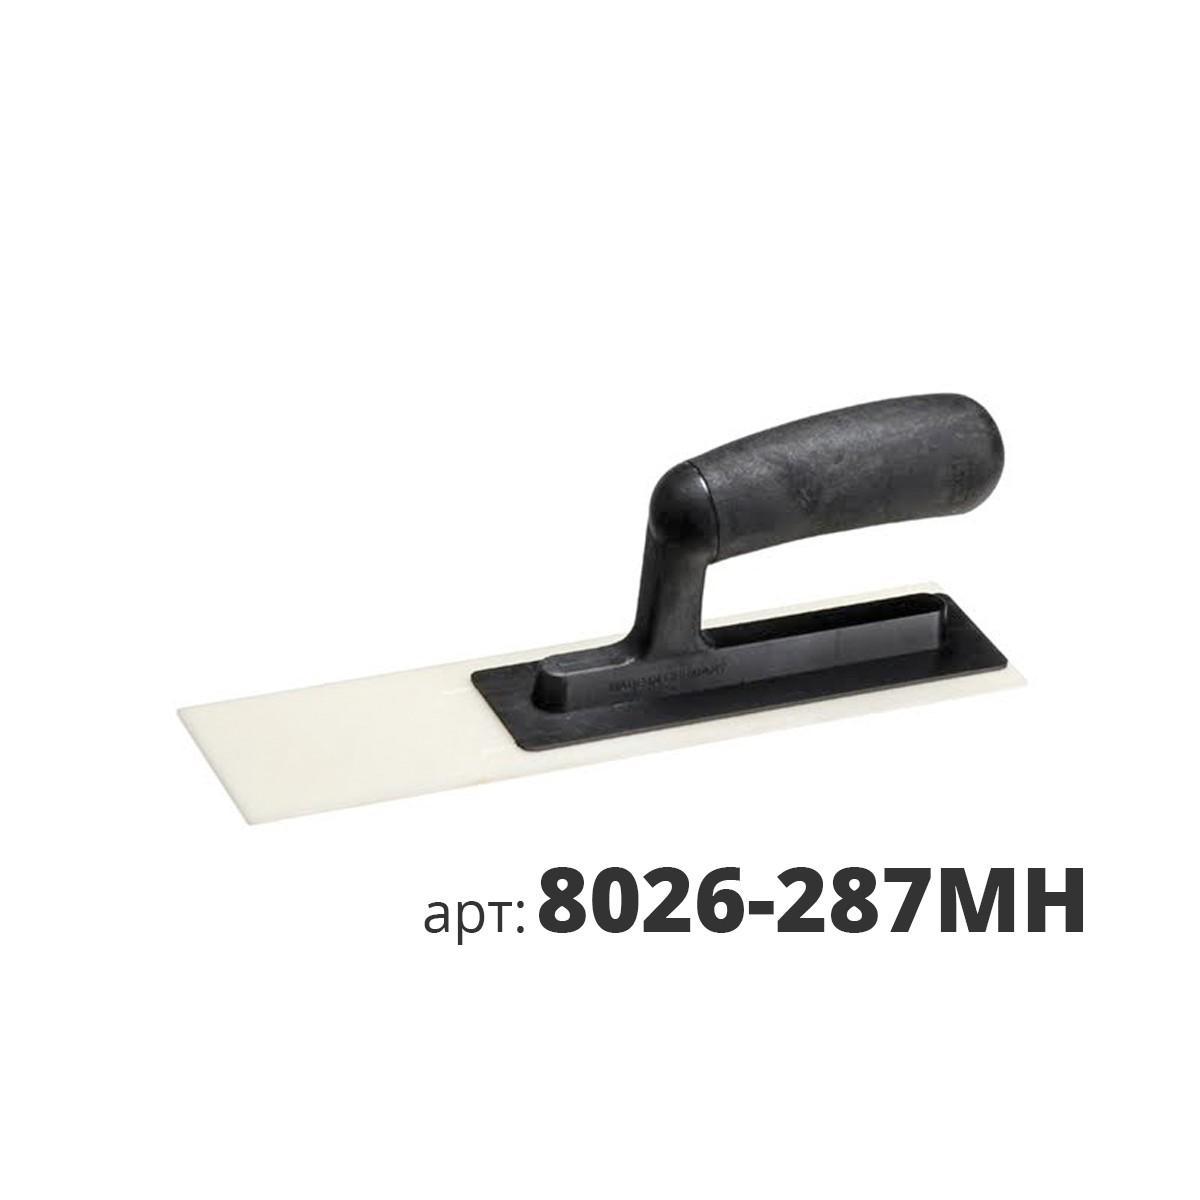 KUHLEN кельма-мини пластиковая прямоугольная узкая 8026-287MH